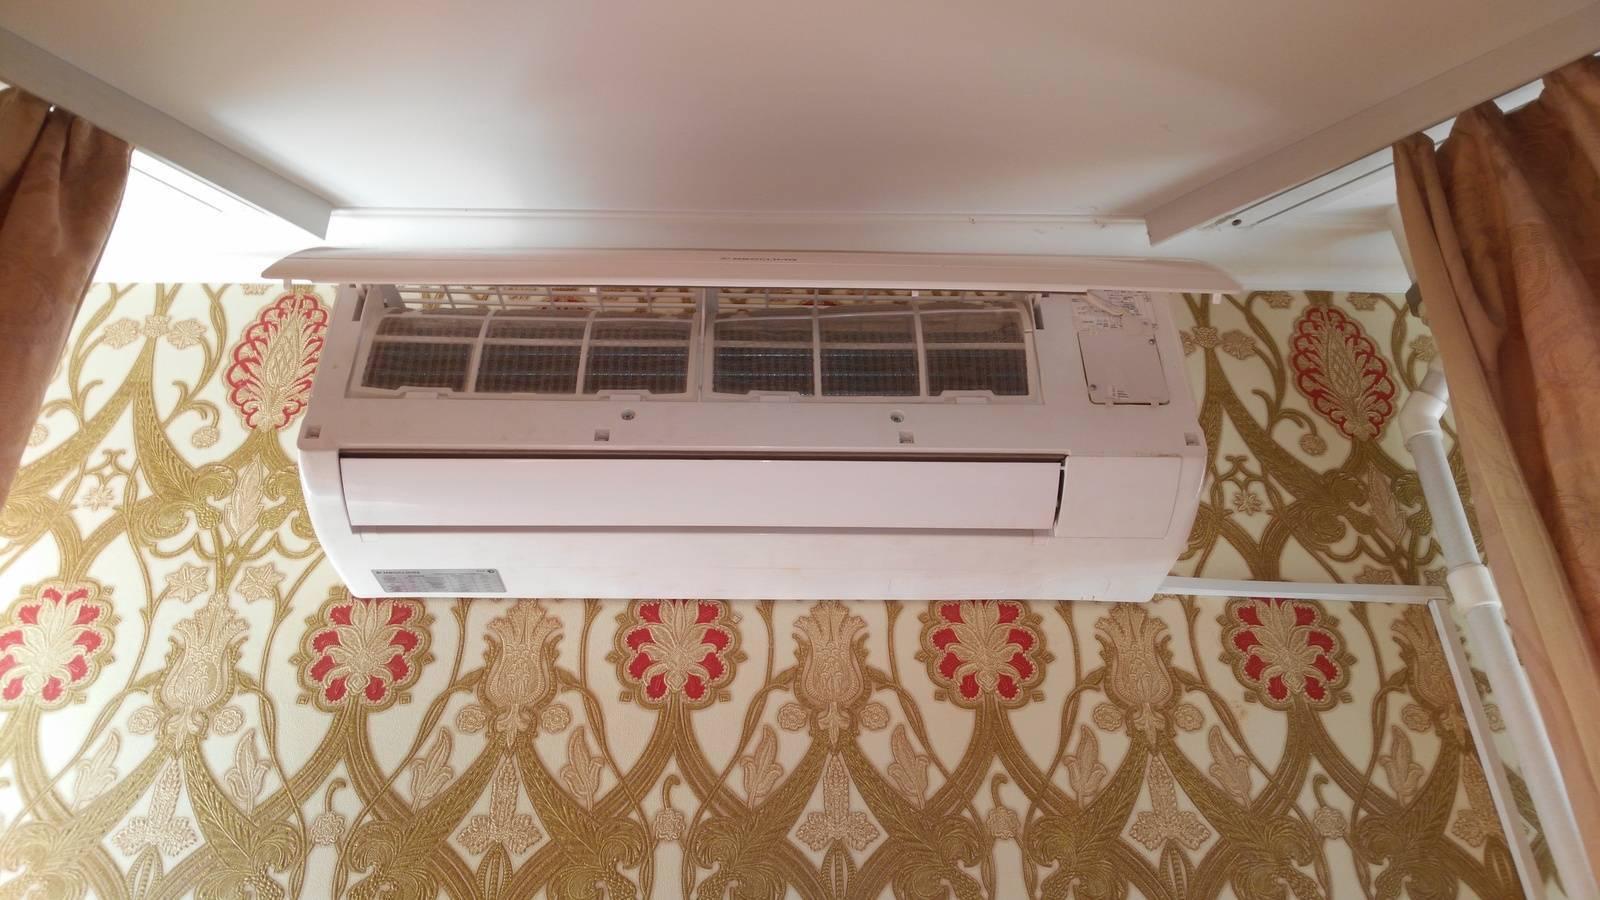 Пошаговая инструкция включения кондиционера на тепло